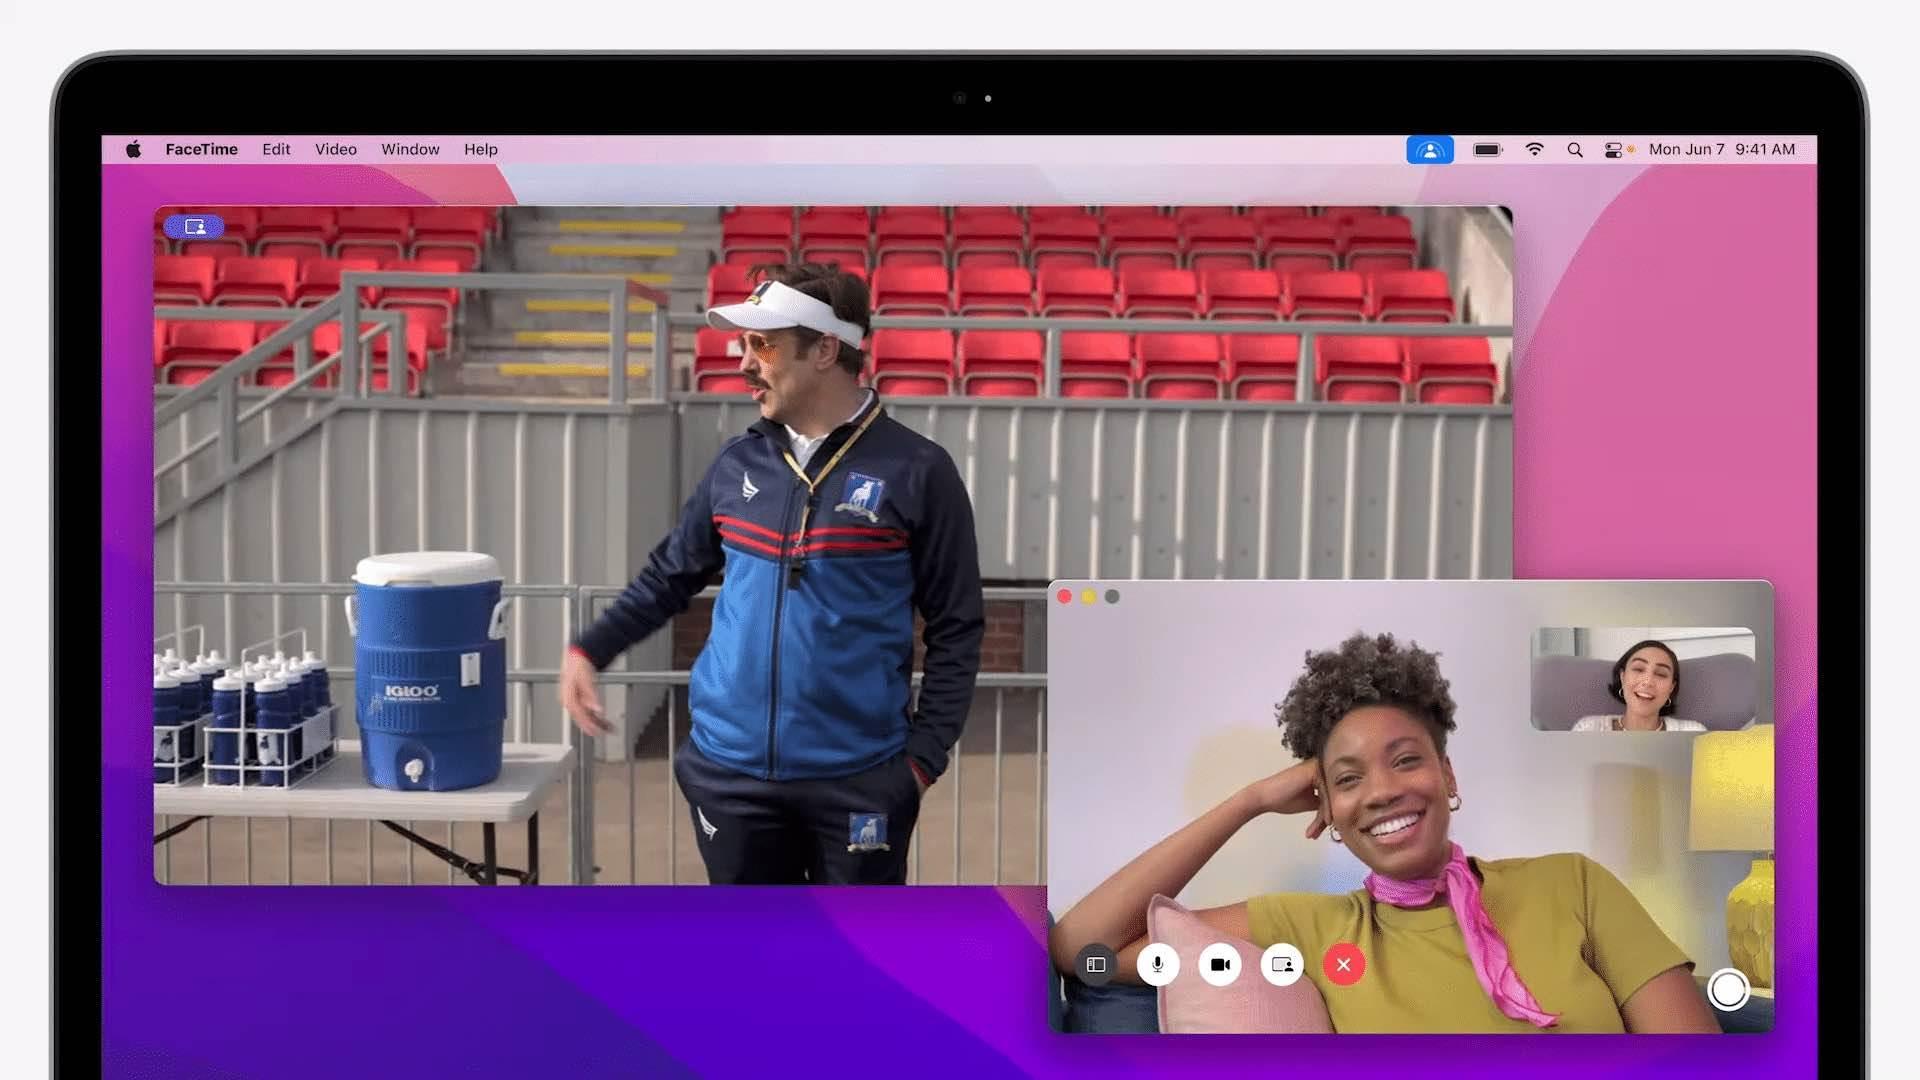 Wszystkie nowe funkcje FaceTime w systemie iOS 15 podcast, ciekawostki nowości w FaceTime, iOS 15, FaceTime, co nowego w FaceTime  Apple wprowadziło kilka poważnych ulepszeń do FaceTime w iOS 15. Nie powinno to dziwić, biorąc pod uwagę wzrost popularności usług połączeń wideo w ciągu ostatniego roku lub dwóch z powodu pandemii. Poniżej przedstawiamy wszystkie nowe funkcje, które pojawią się w FaceTime w iOS 15 na iPhone, iPad i Mac. share